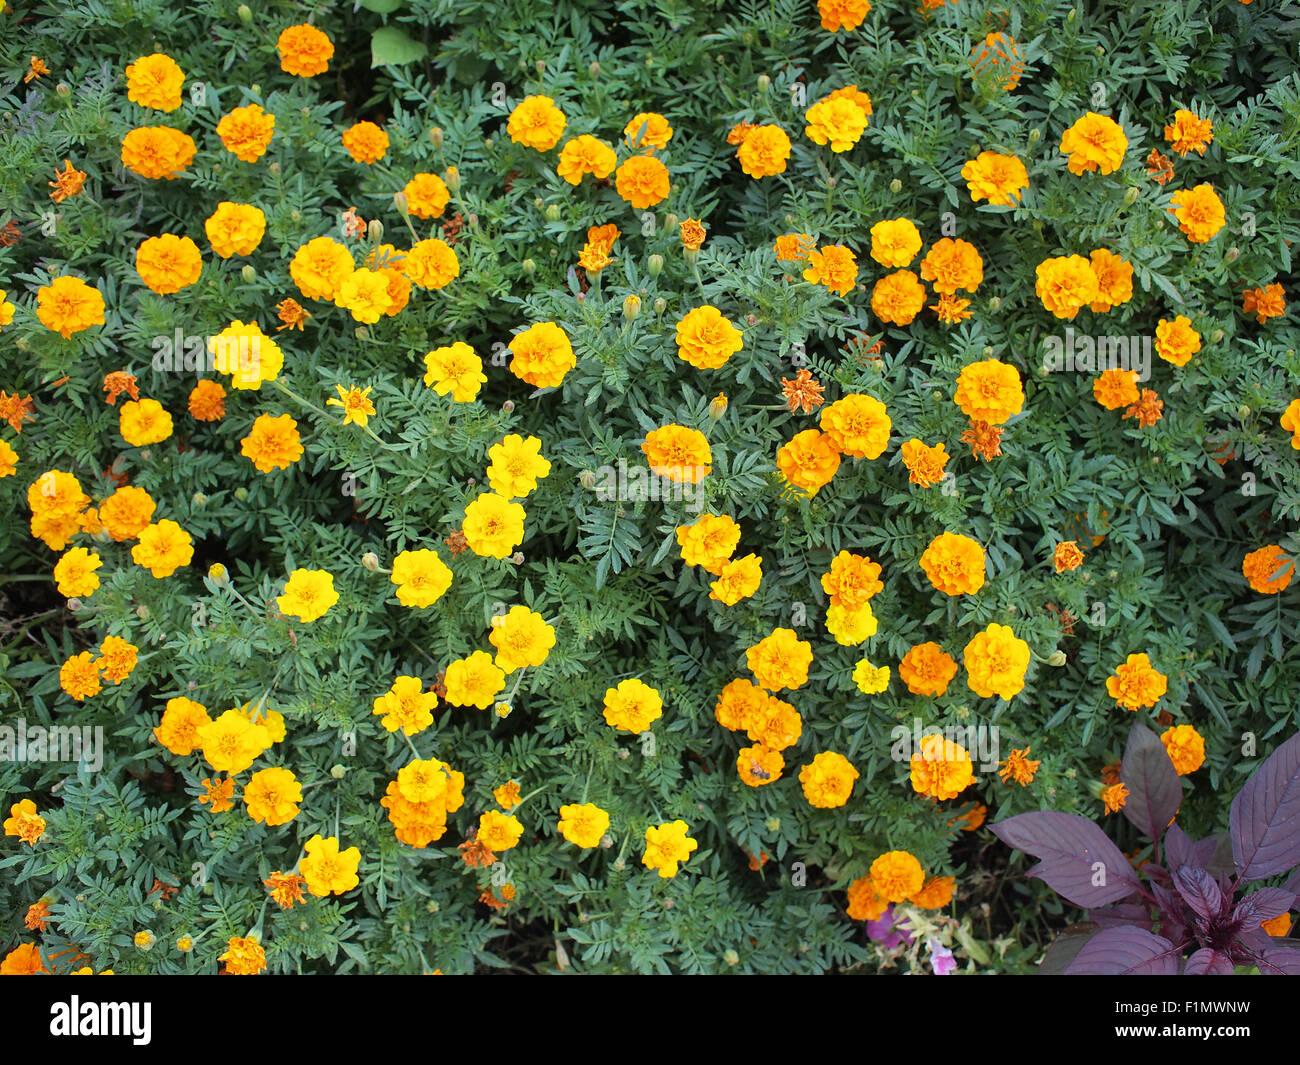 Fiori Gialli Per Aiuole.Vista Dall Alto Di Una Grande Aiuola Di Fiori Gialli Tagetes Foto